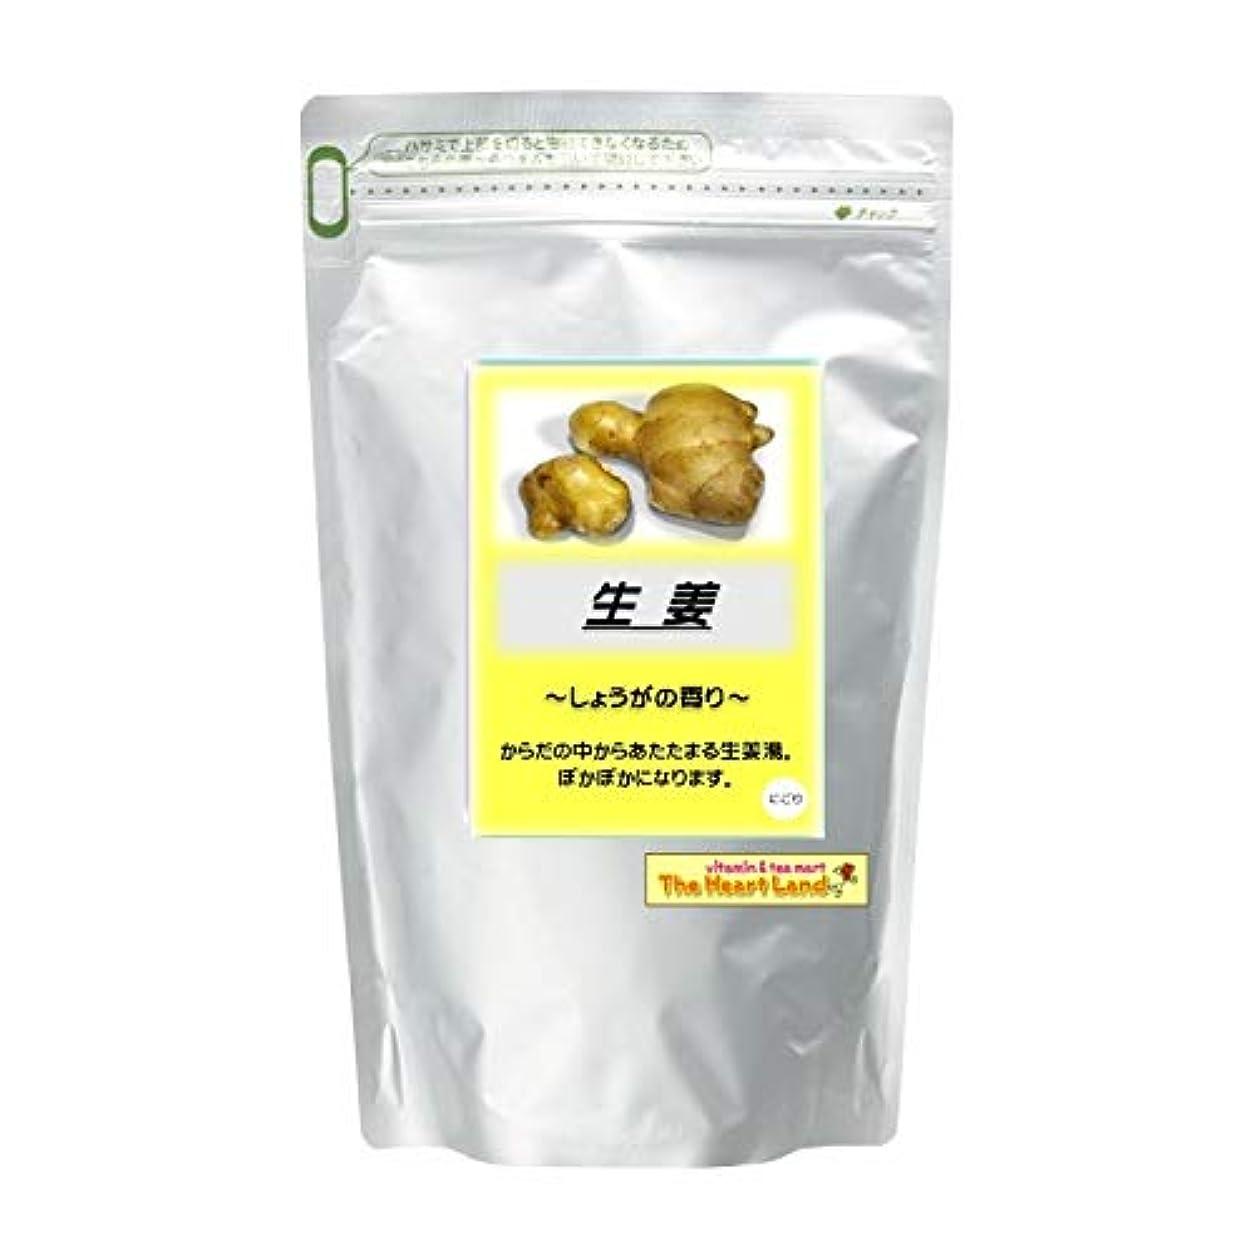 謎持つ平らなアサヒ入浴剤 浴用入浴化粧品 生姜 300g